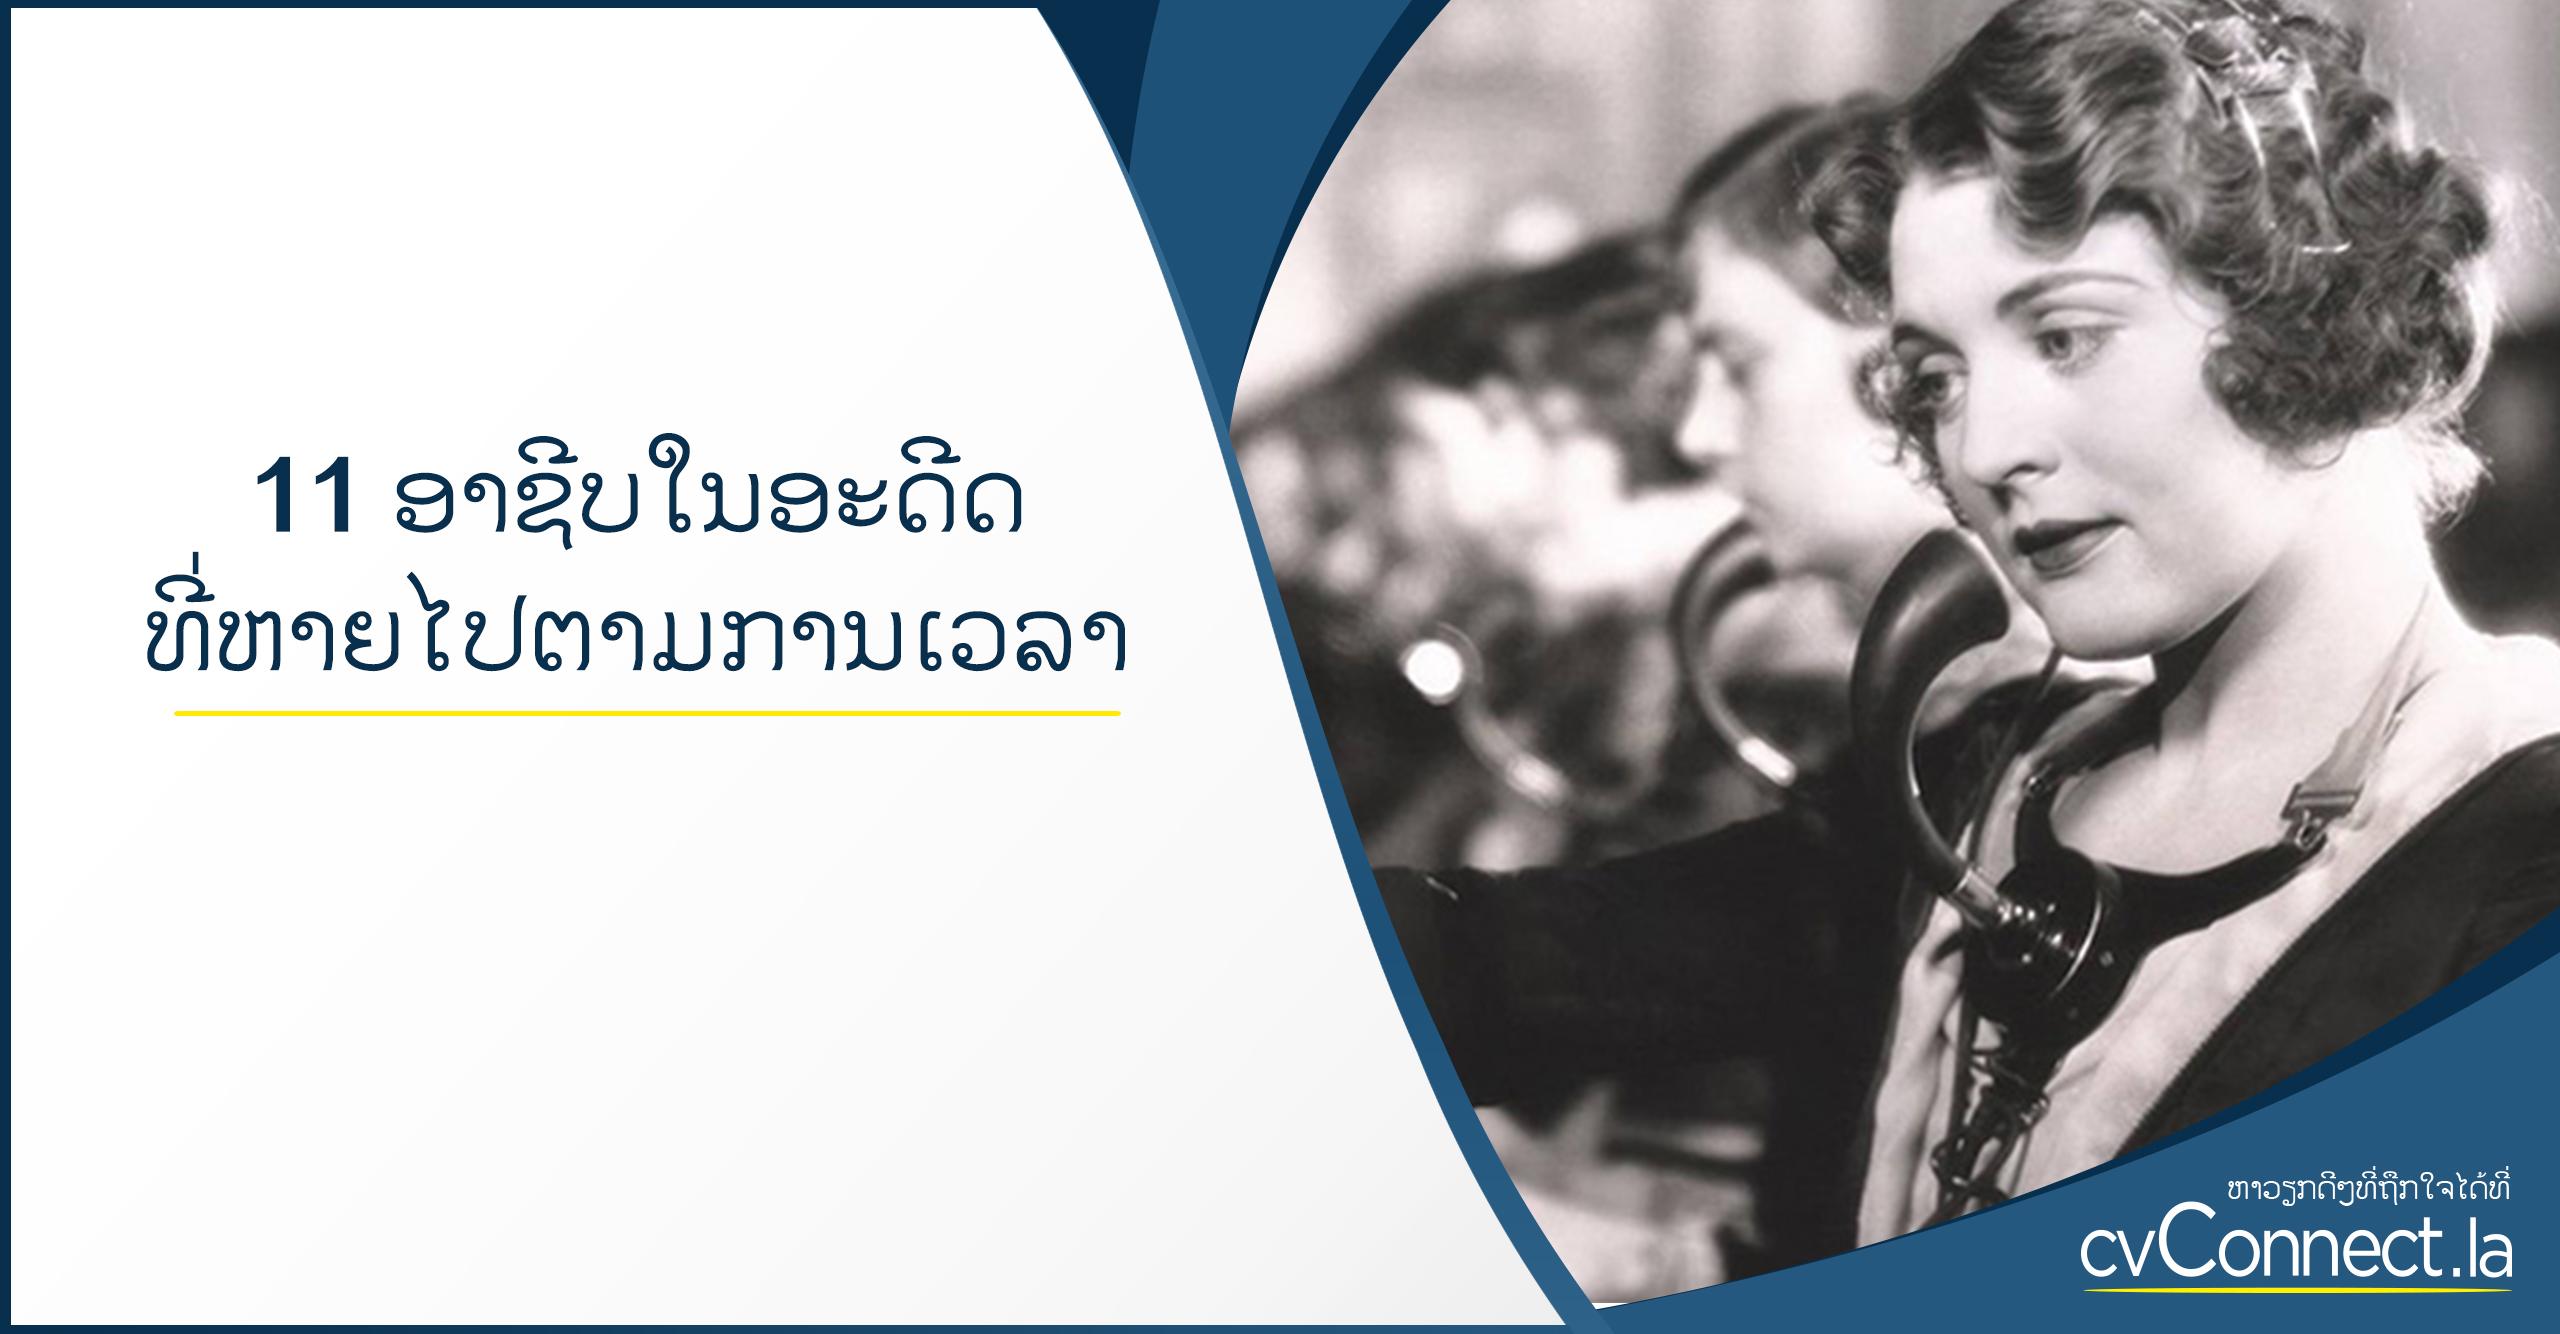 11 ອາຊີບໃນອະດີດ ທີ່ຫາຍໄປຕາມການເວລາ - cvConnect Find Jobs in Laos